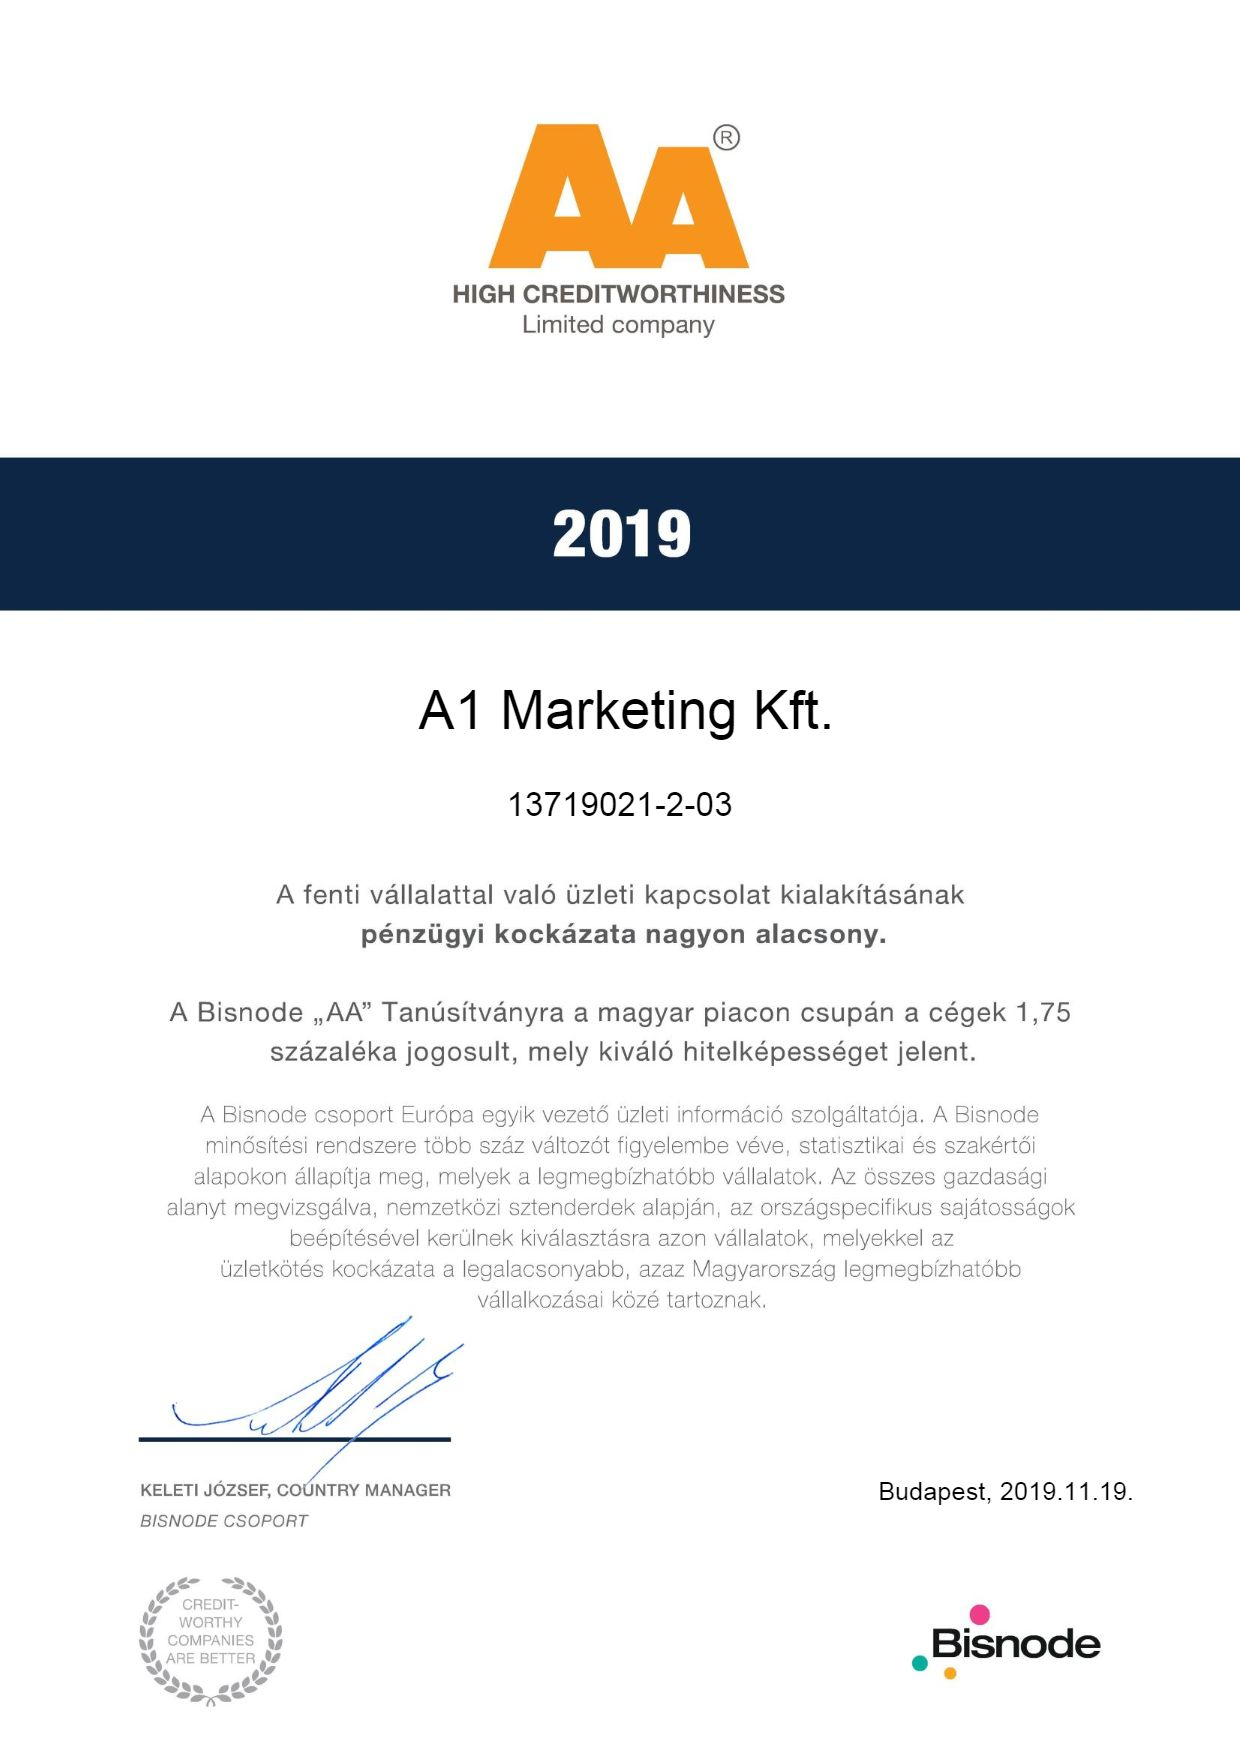 A Bisnode AA Tanúsítvány az A1 Marketing Kft. részére